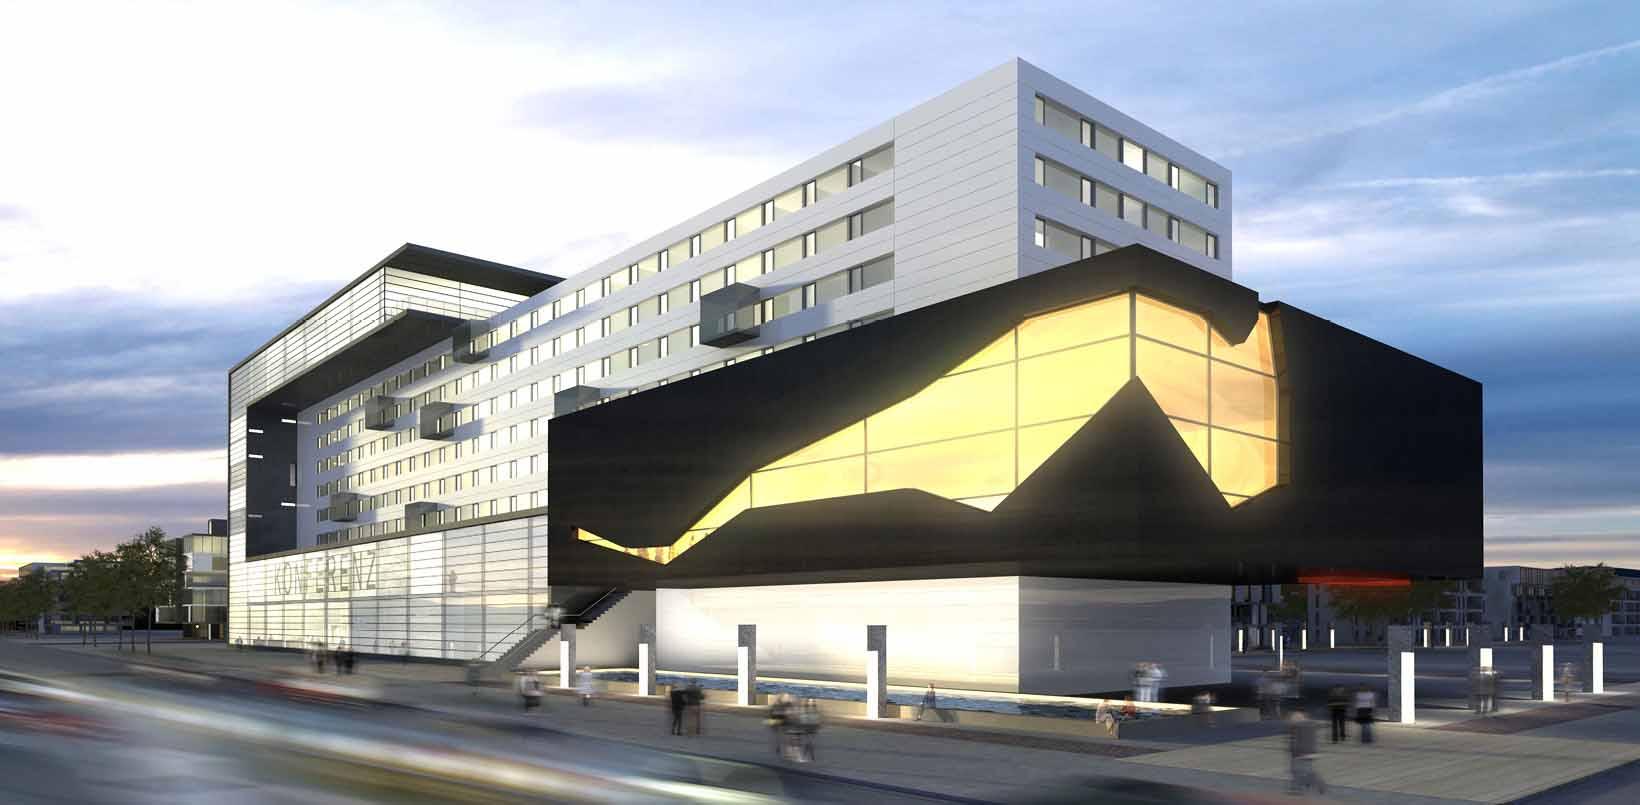 Architekt Christ - Wettbewerb Konferenzhotel Nürnberg 2